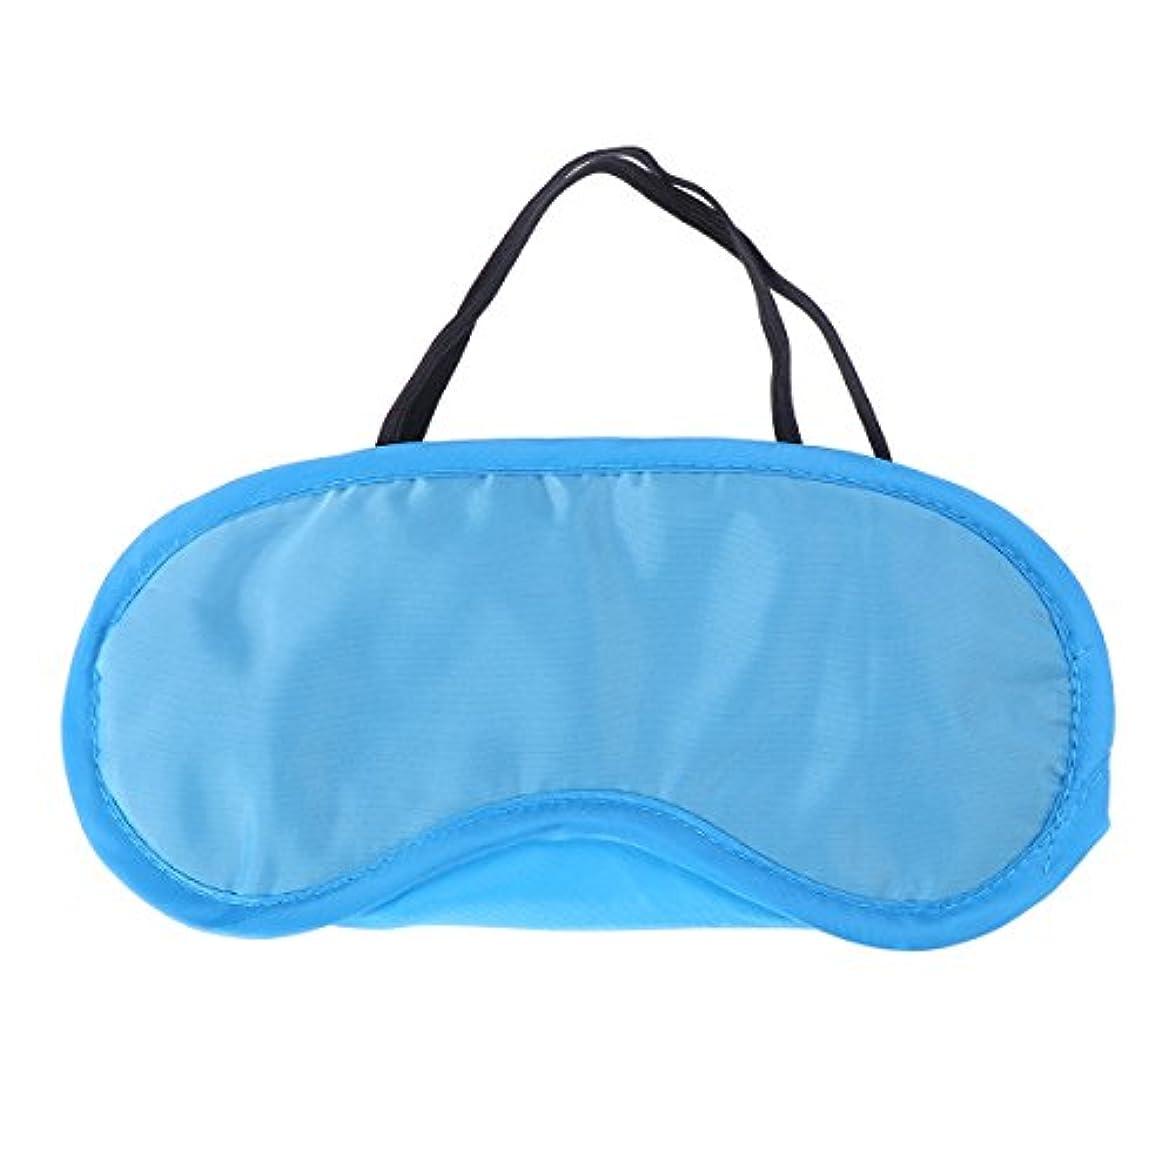 写真のメンテナンス割れ目HEALIFTY 軽量で快適な睡眠のための調整可能なアイマスク(旅行用スカイブルー)